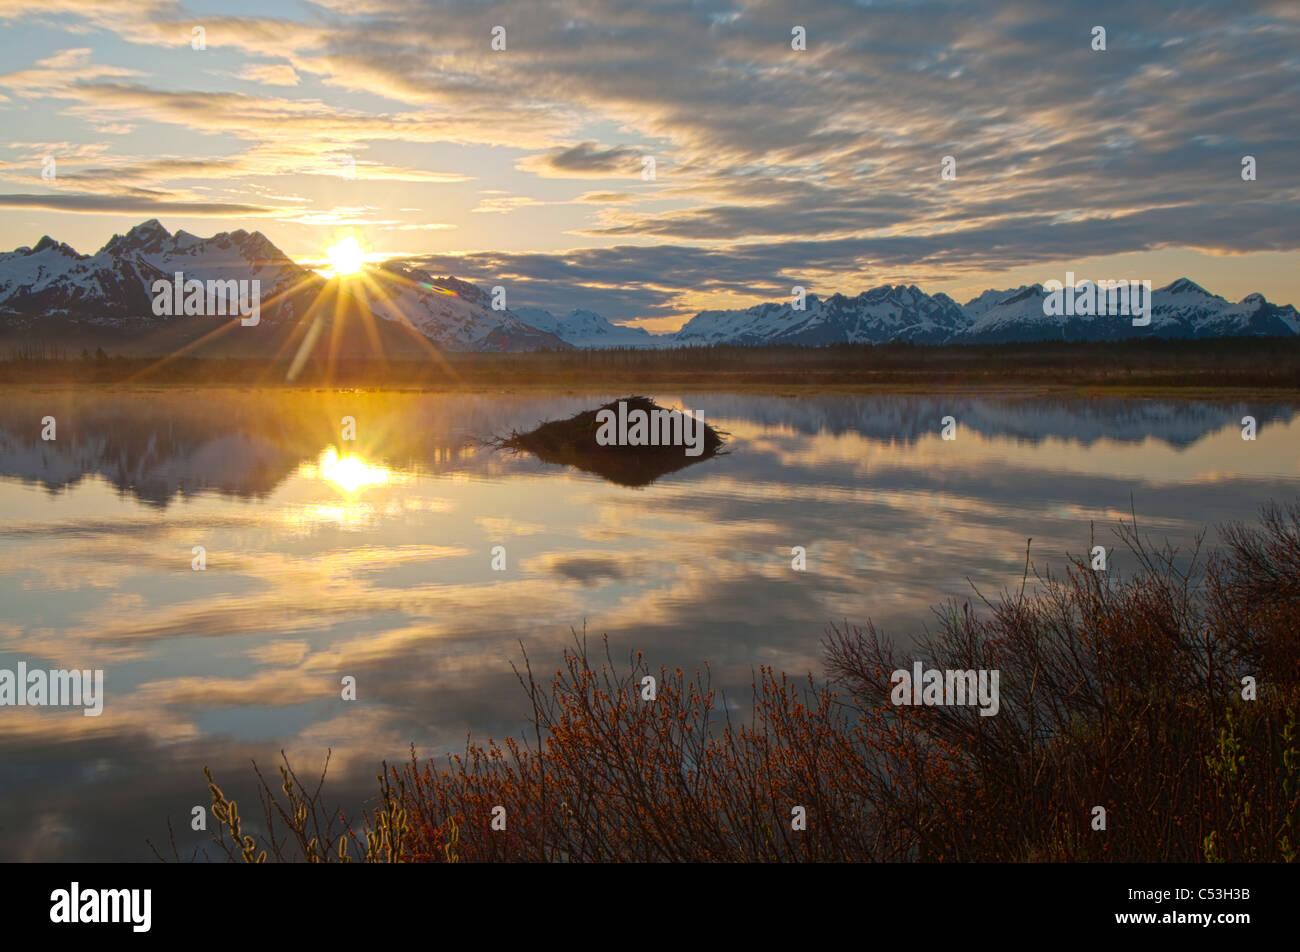 Soleil se lève sur les montagnes Chugach, avec un étang et Beaver Lodge au premier plan, l'Alaska, Photo Stock